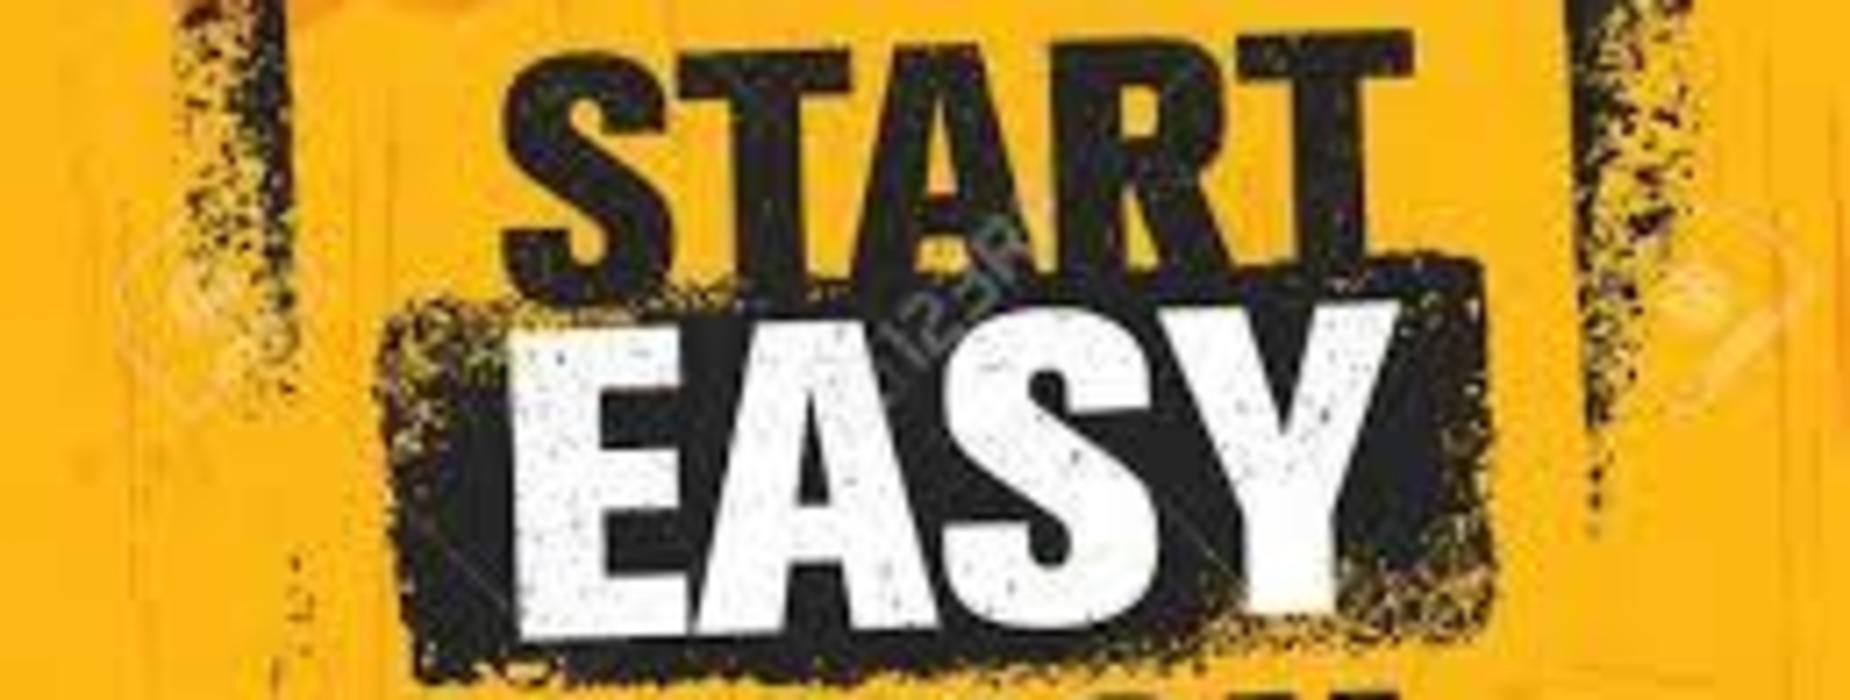 start easy